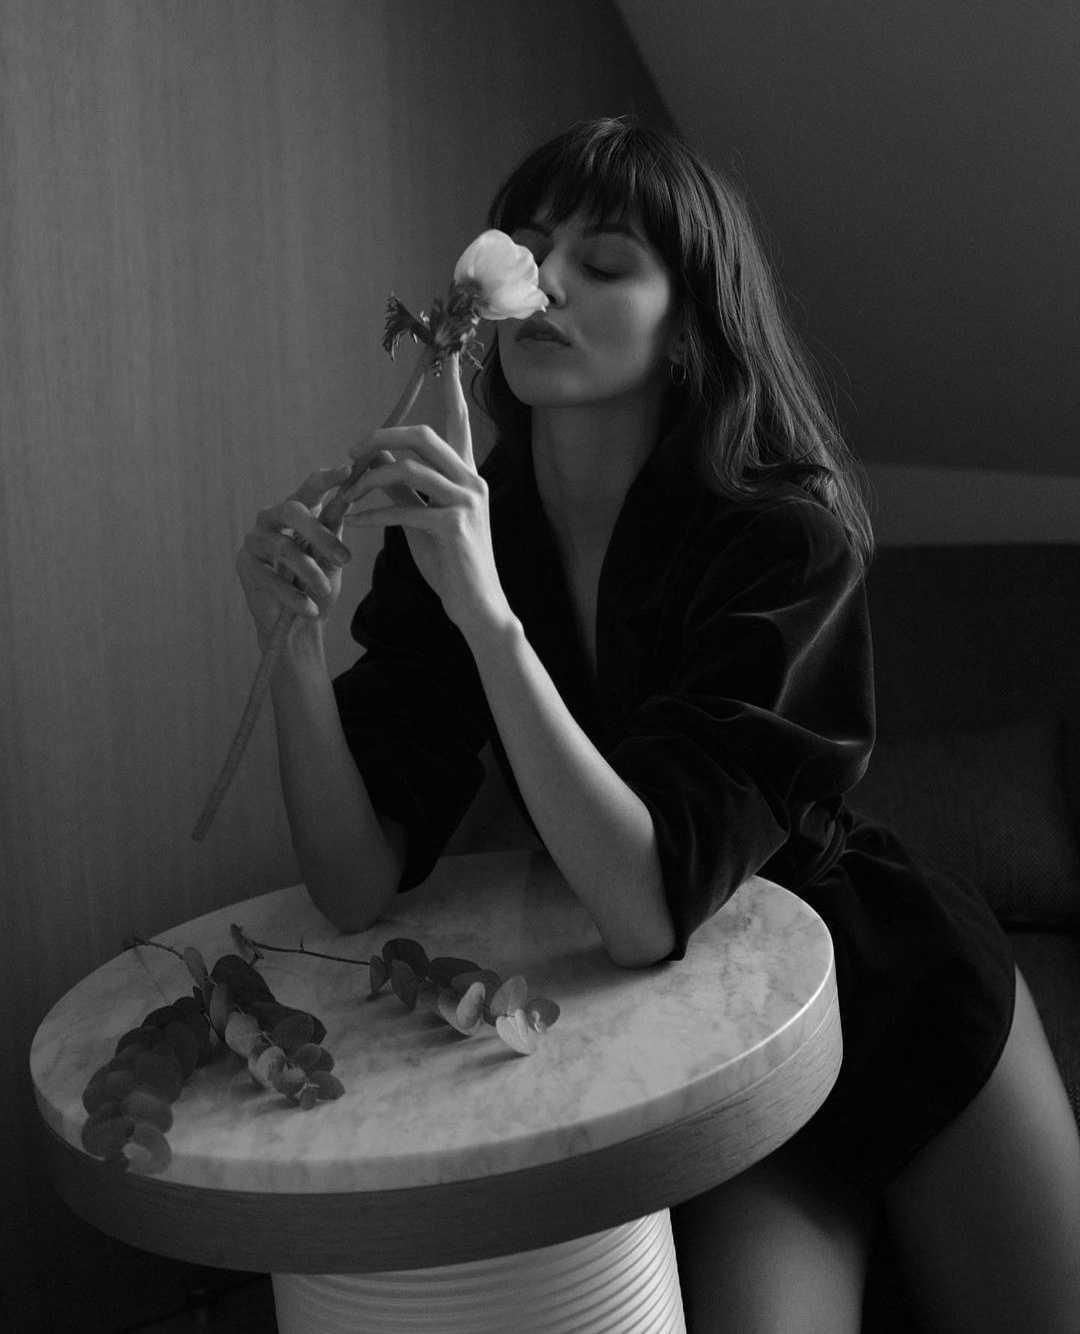 Model-Justine-Soranzo